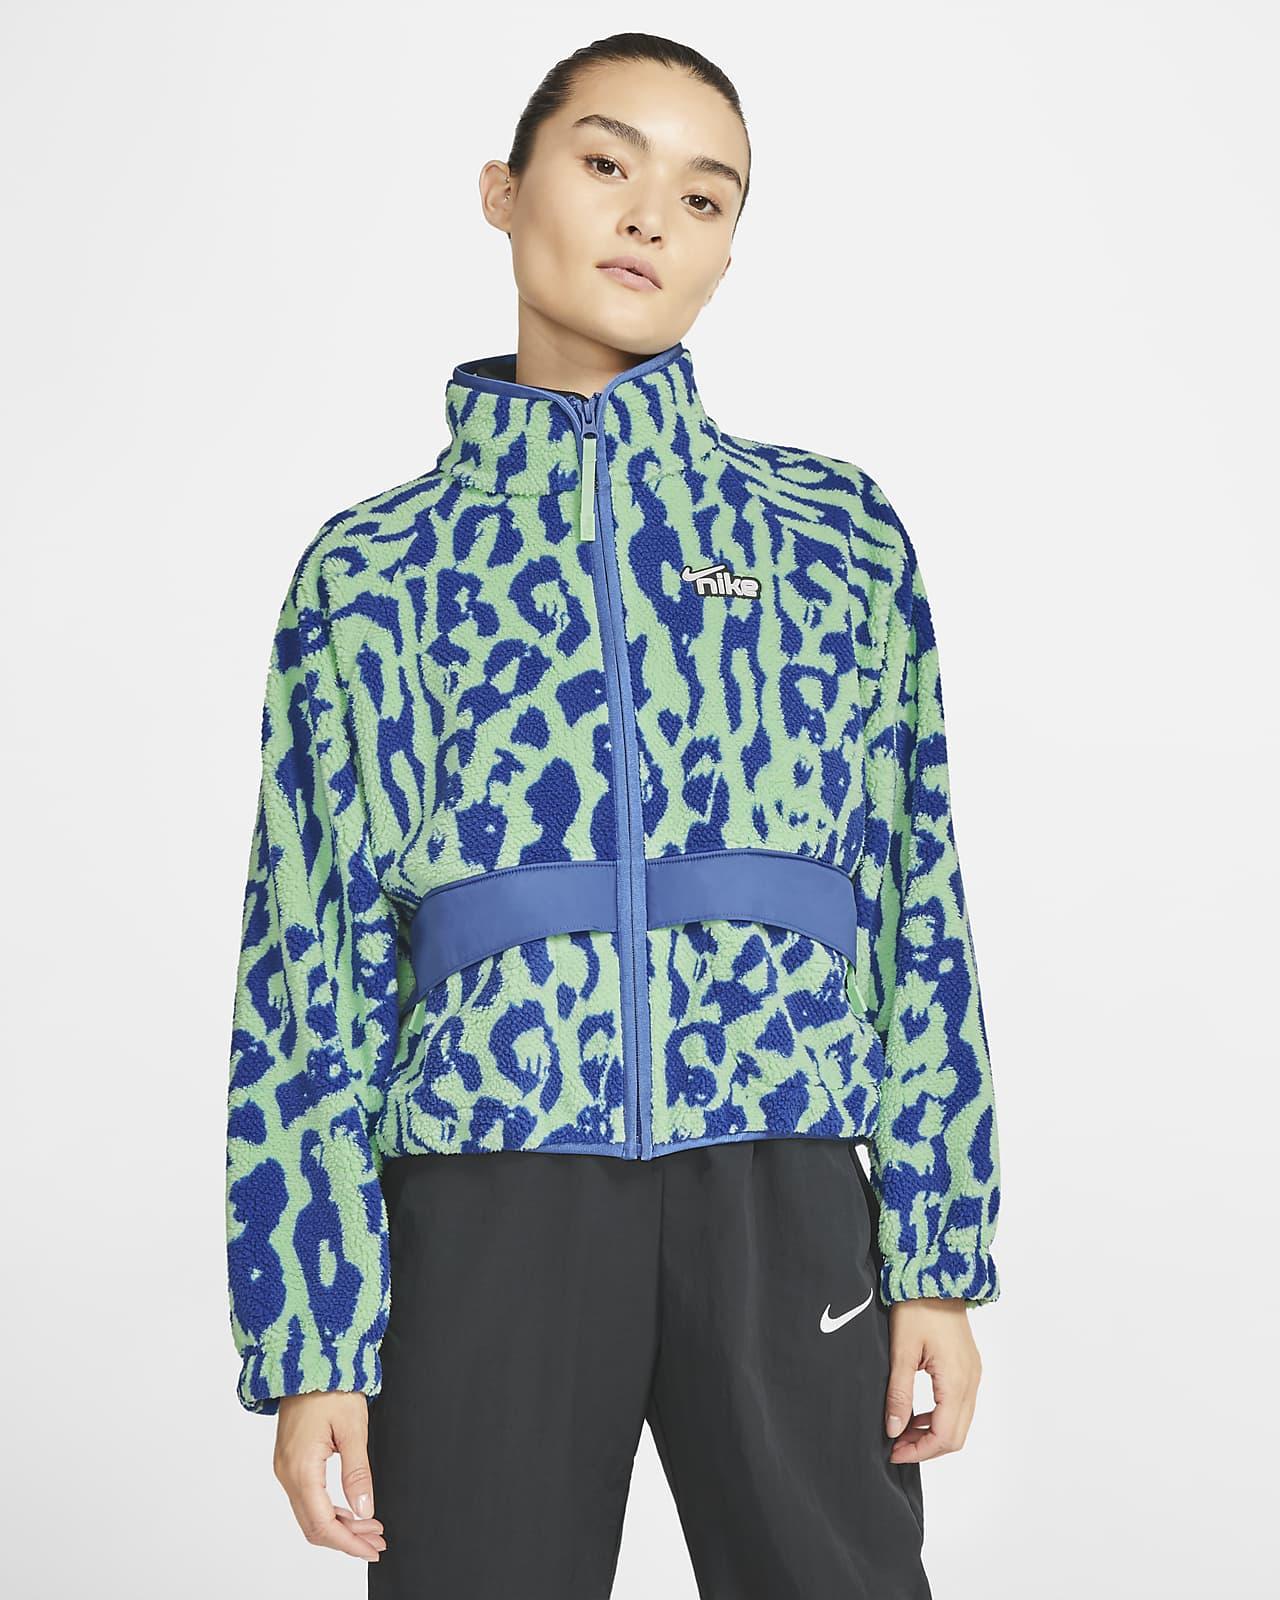 Nike Sportswear Sherpa 女子夹克